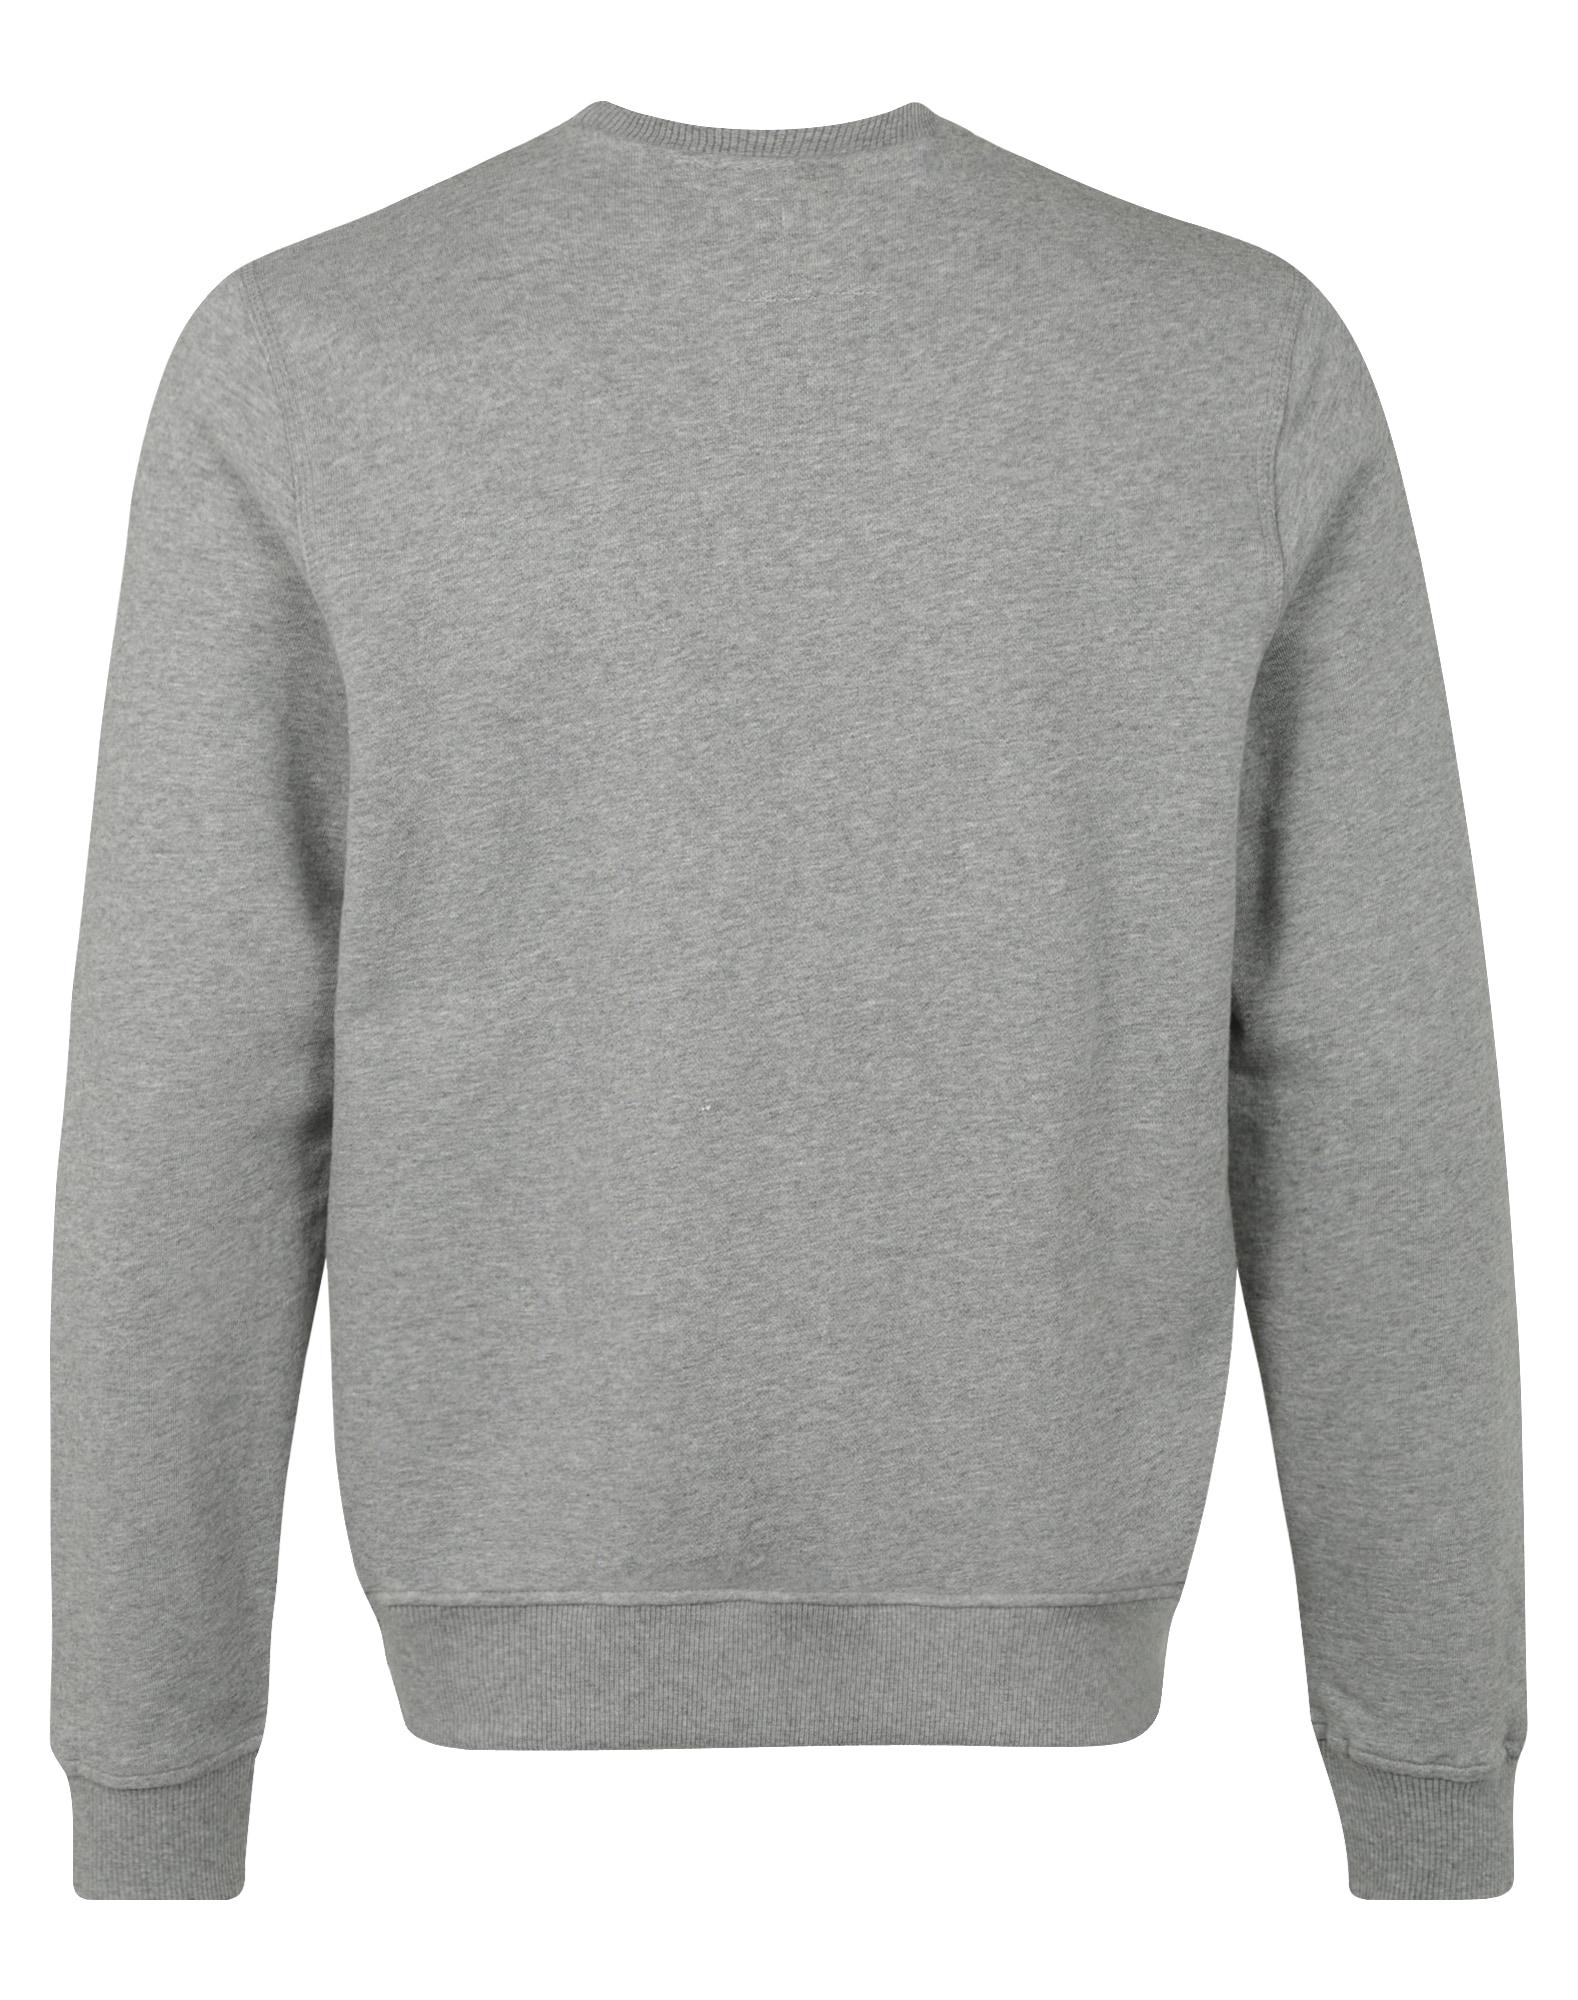 DICKIES, Heren Sweatshirt 'Harrison', grijs